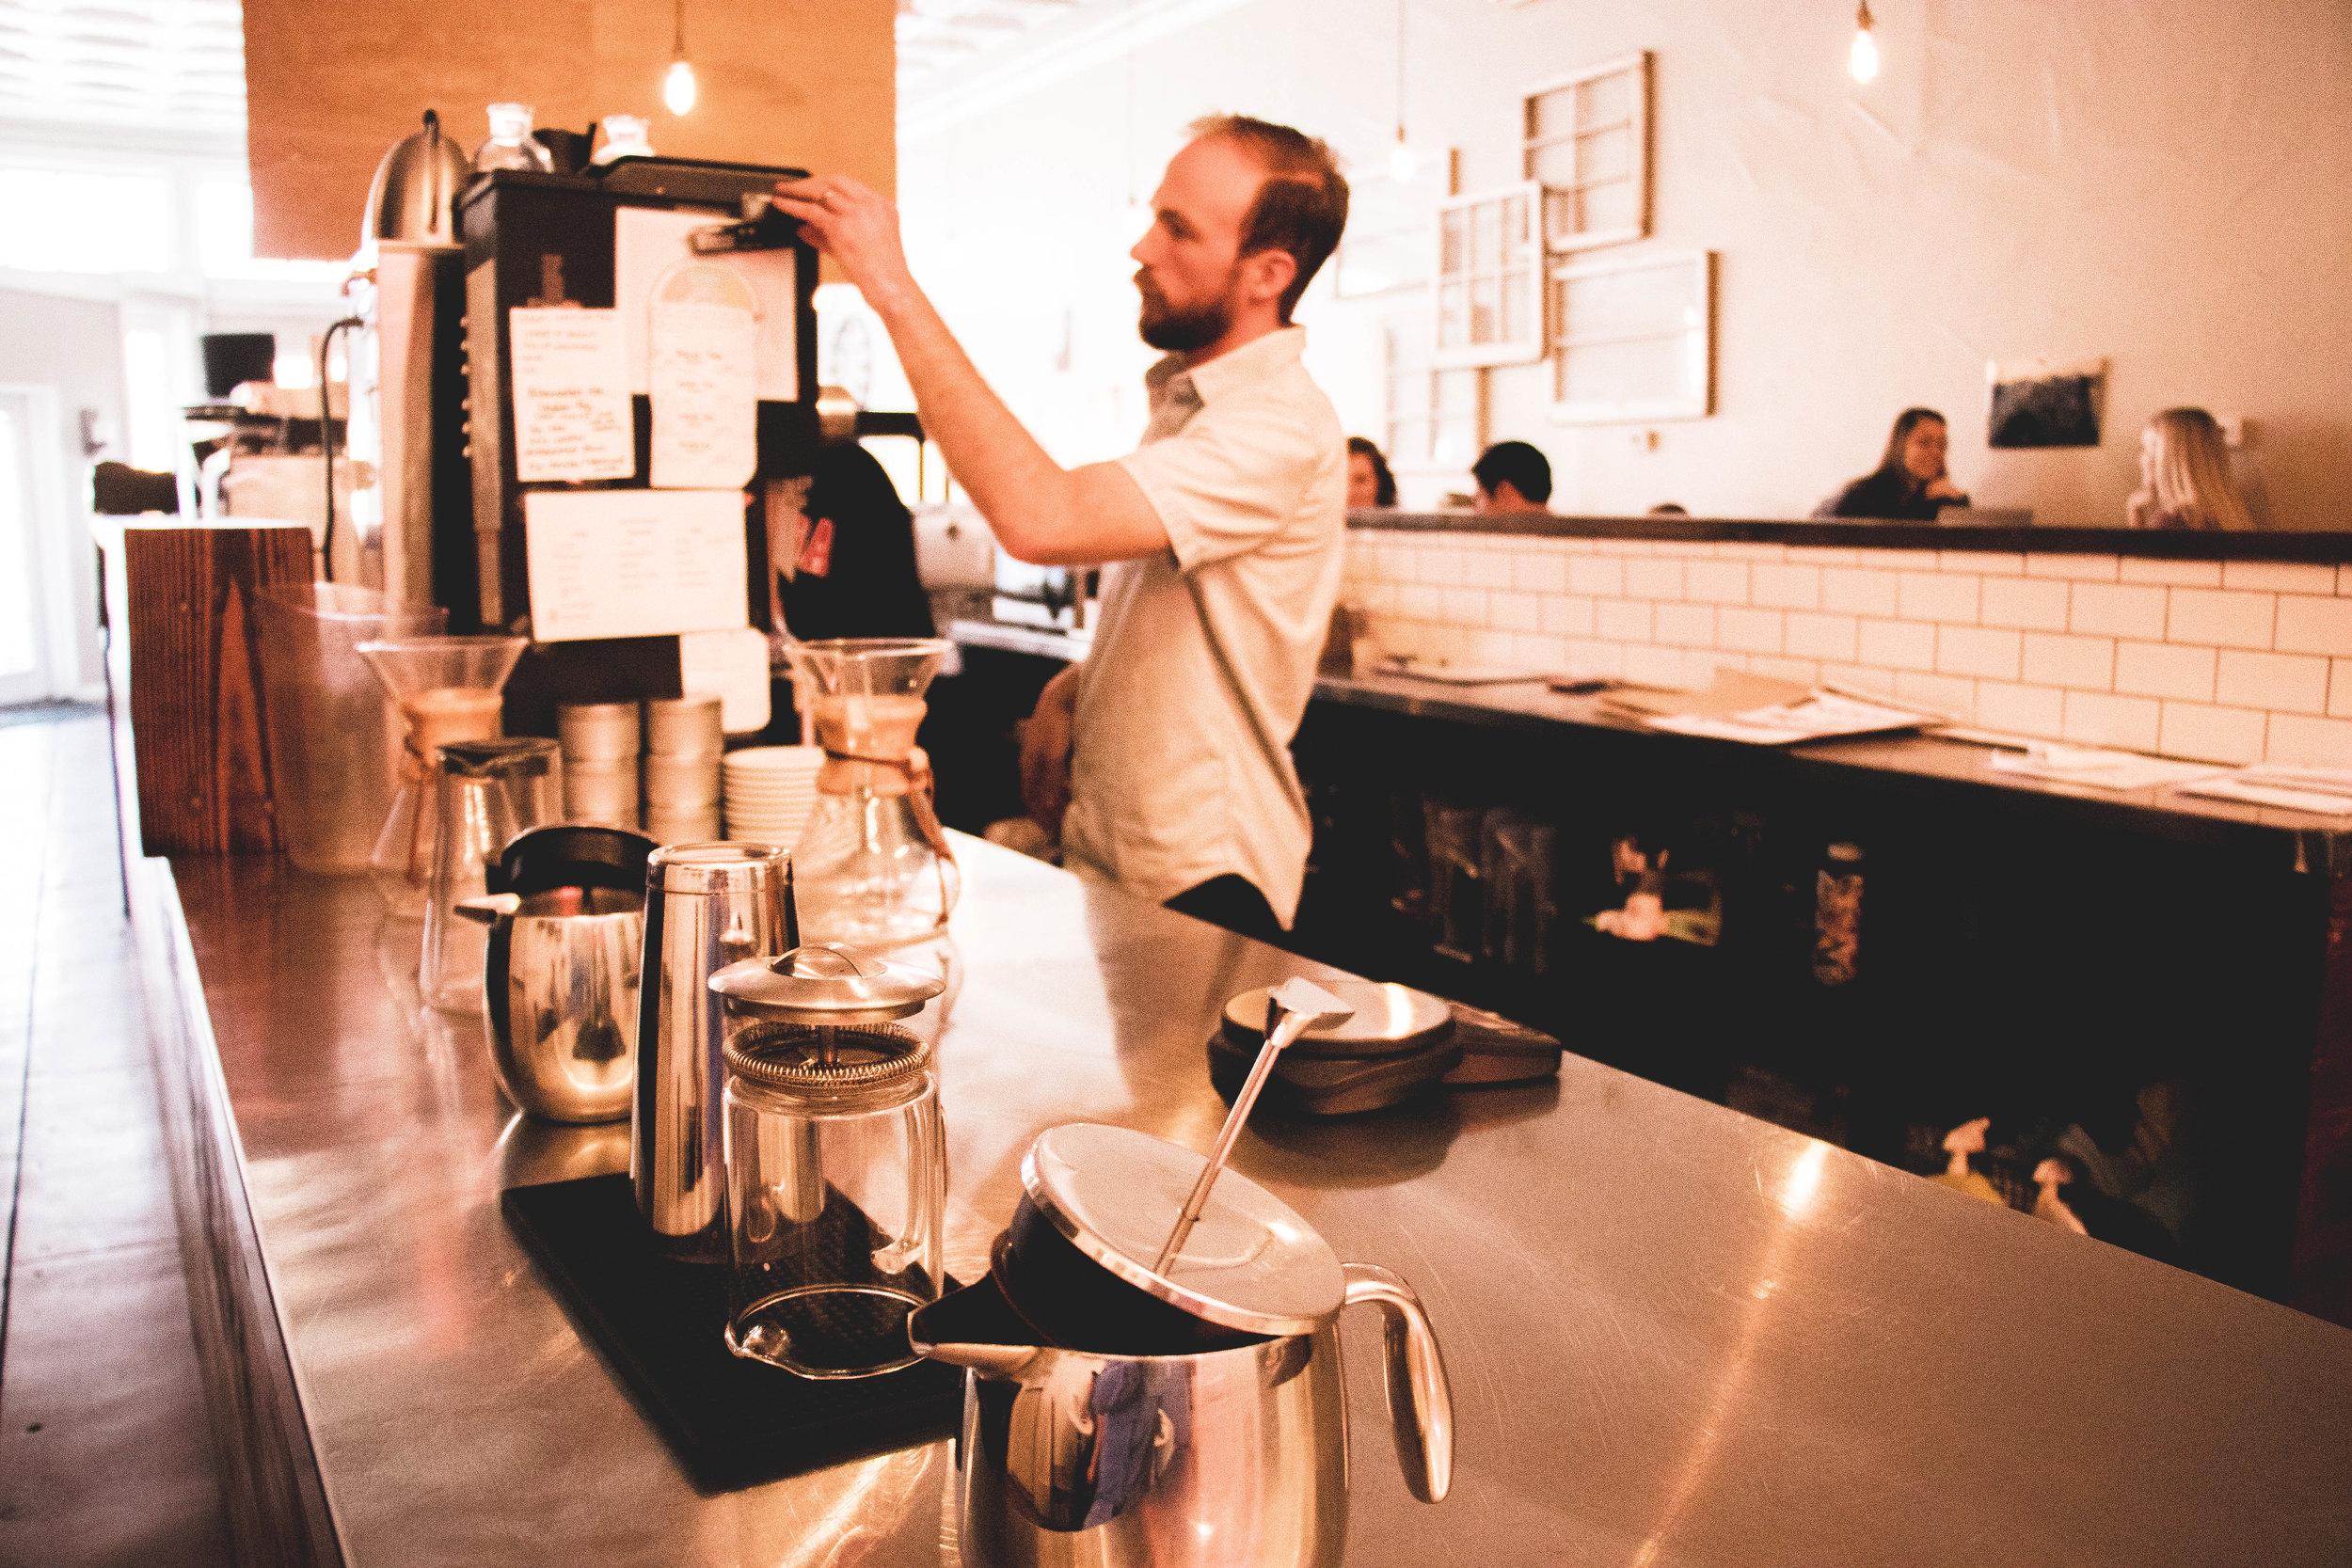 Sugar Brown_s Coffee - 2019 - 03 of 23.jpg